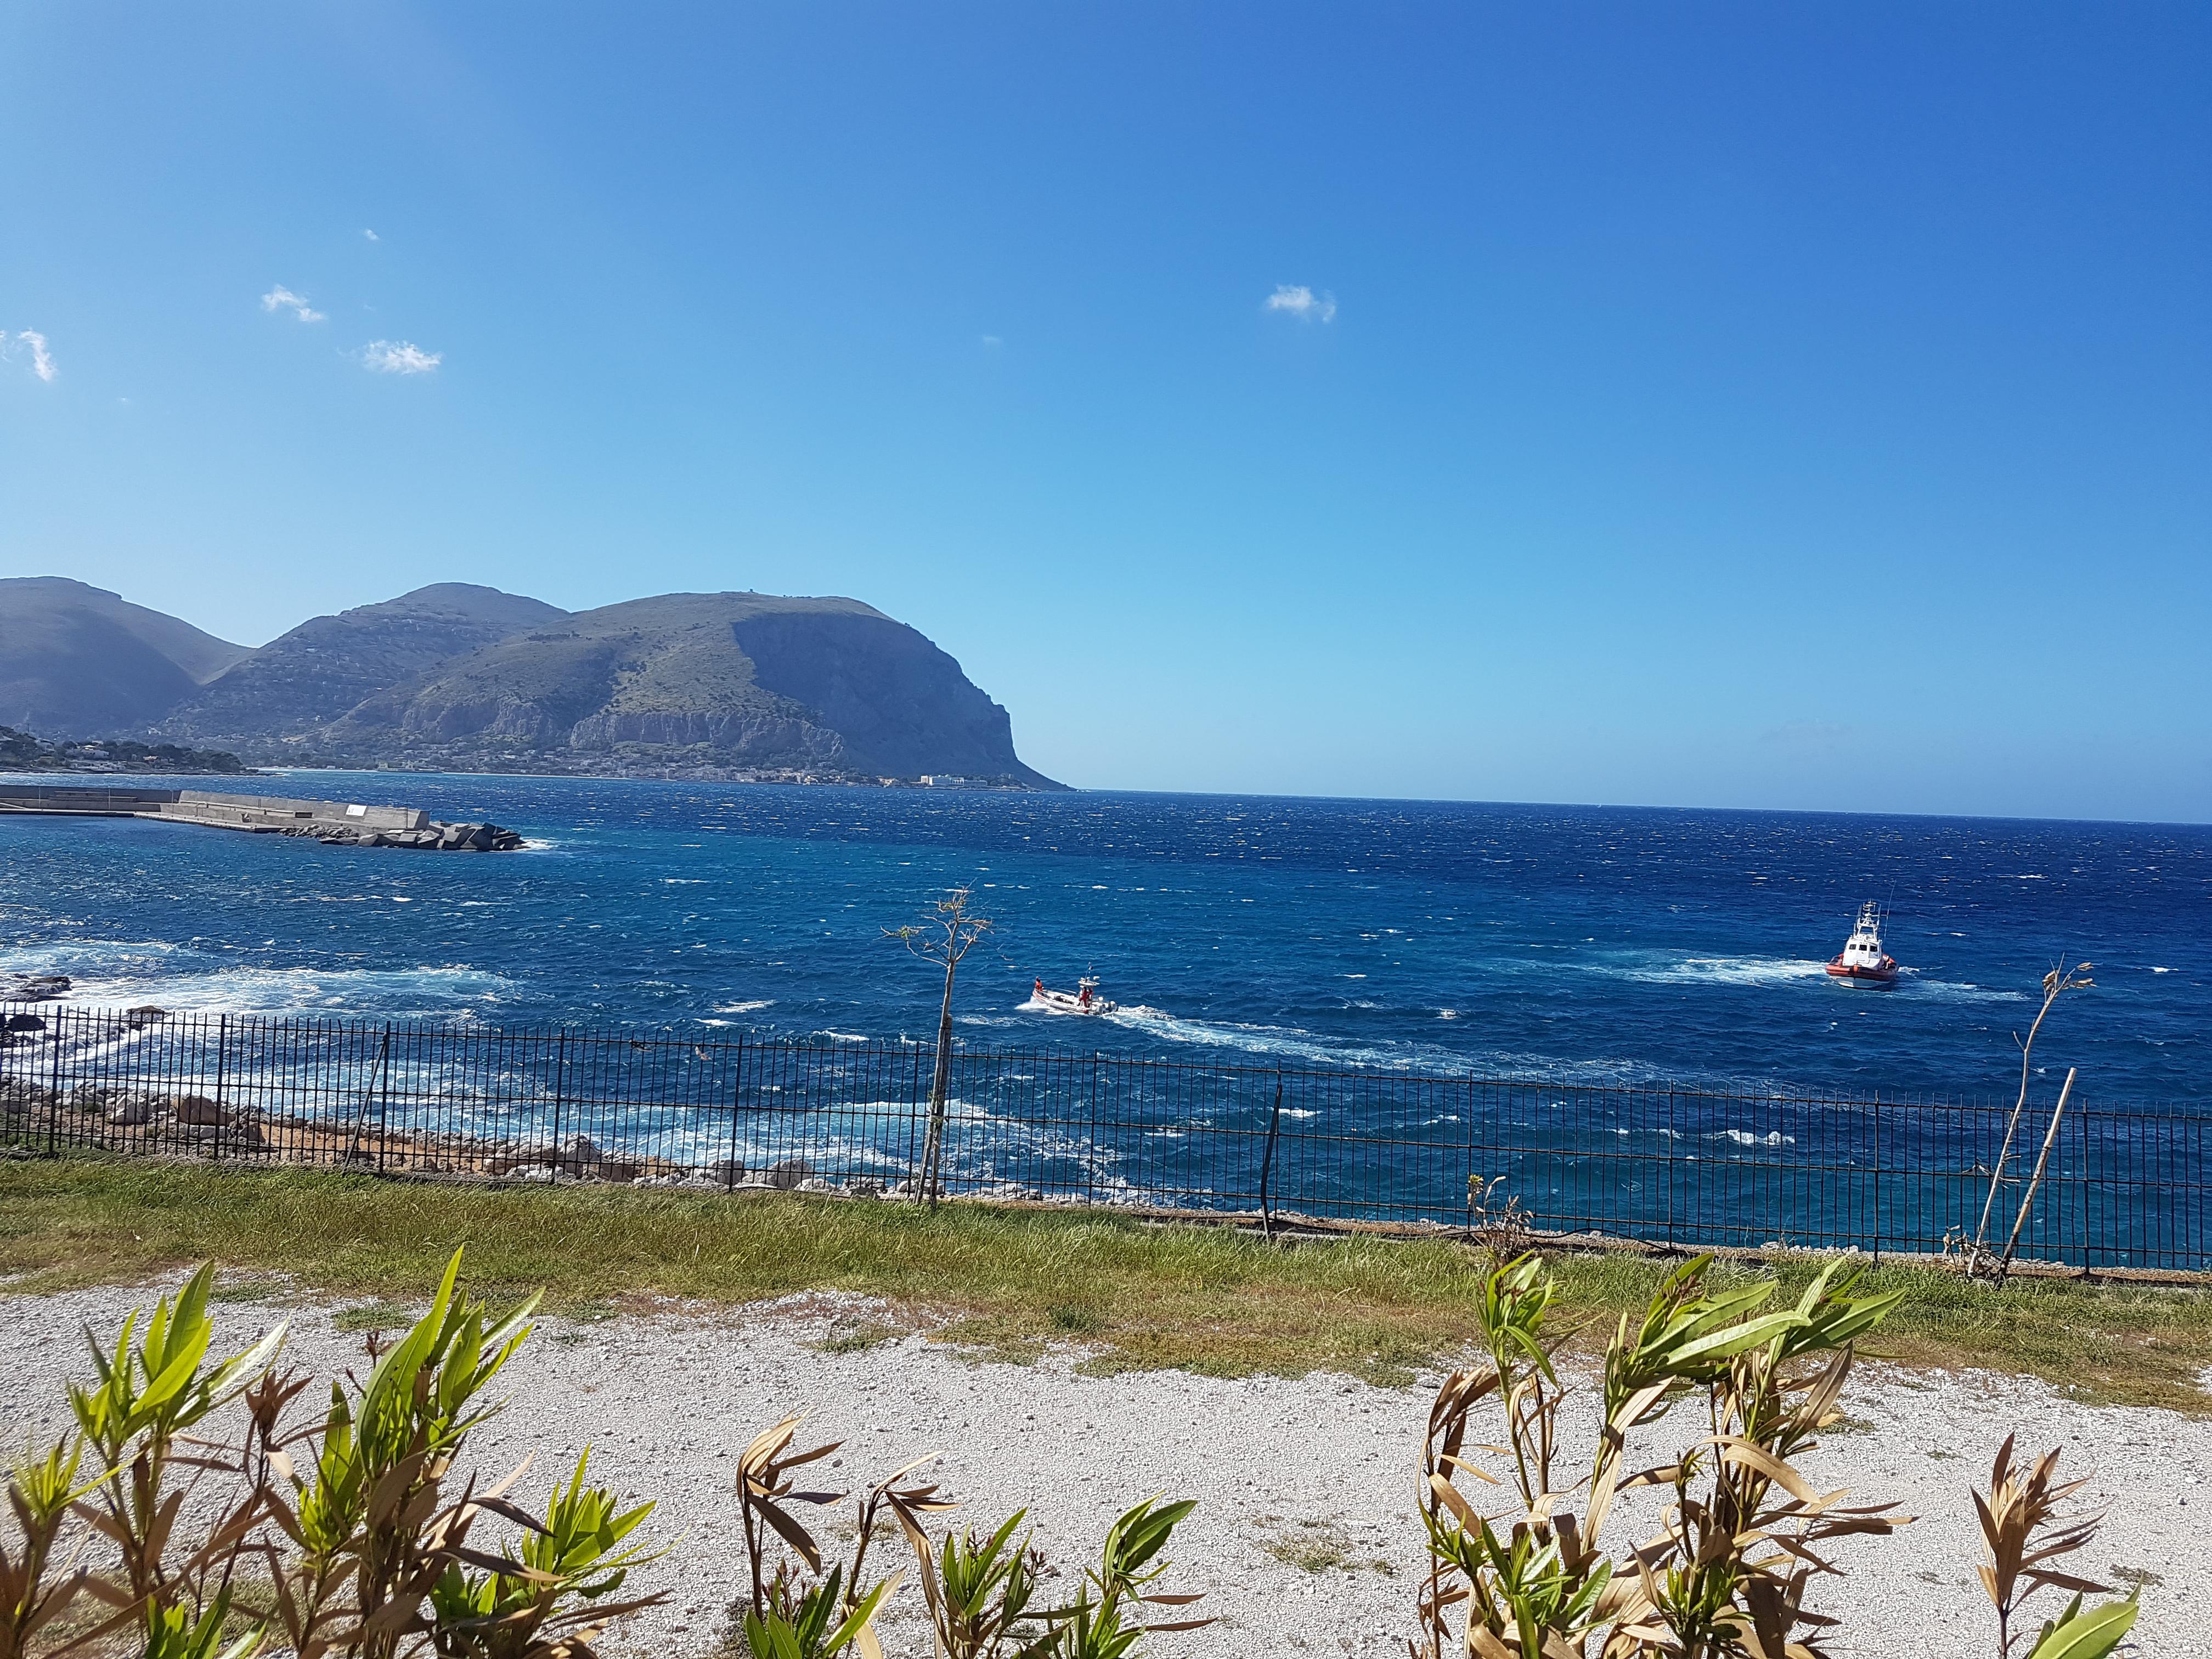 Palermo, disperso in mare: ricerche da due giorni